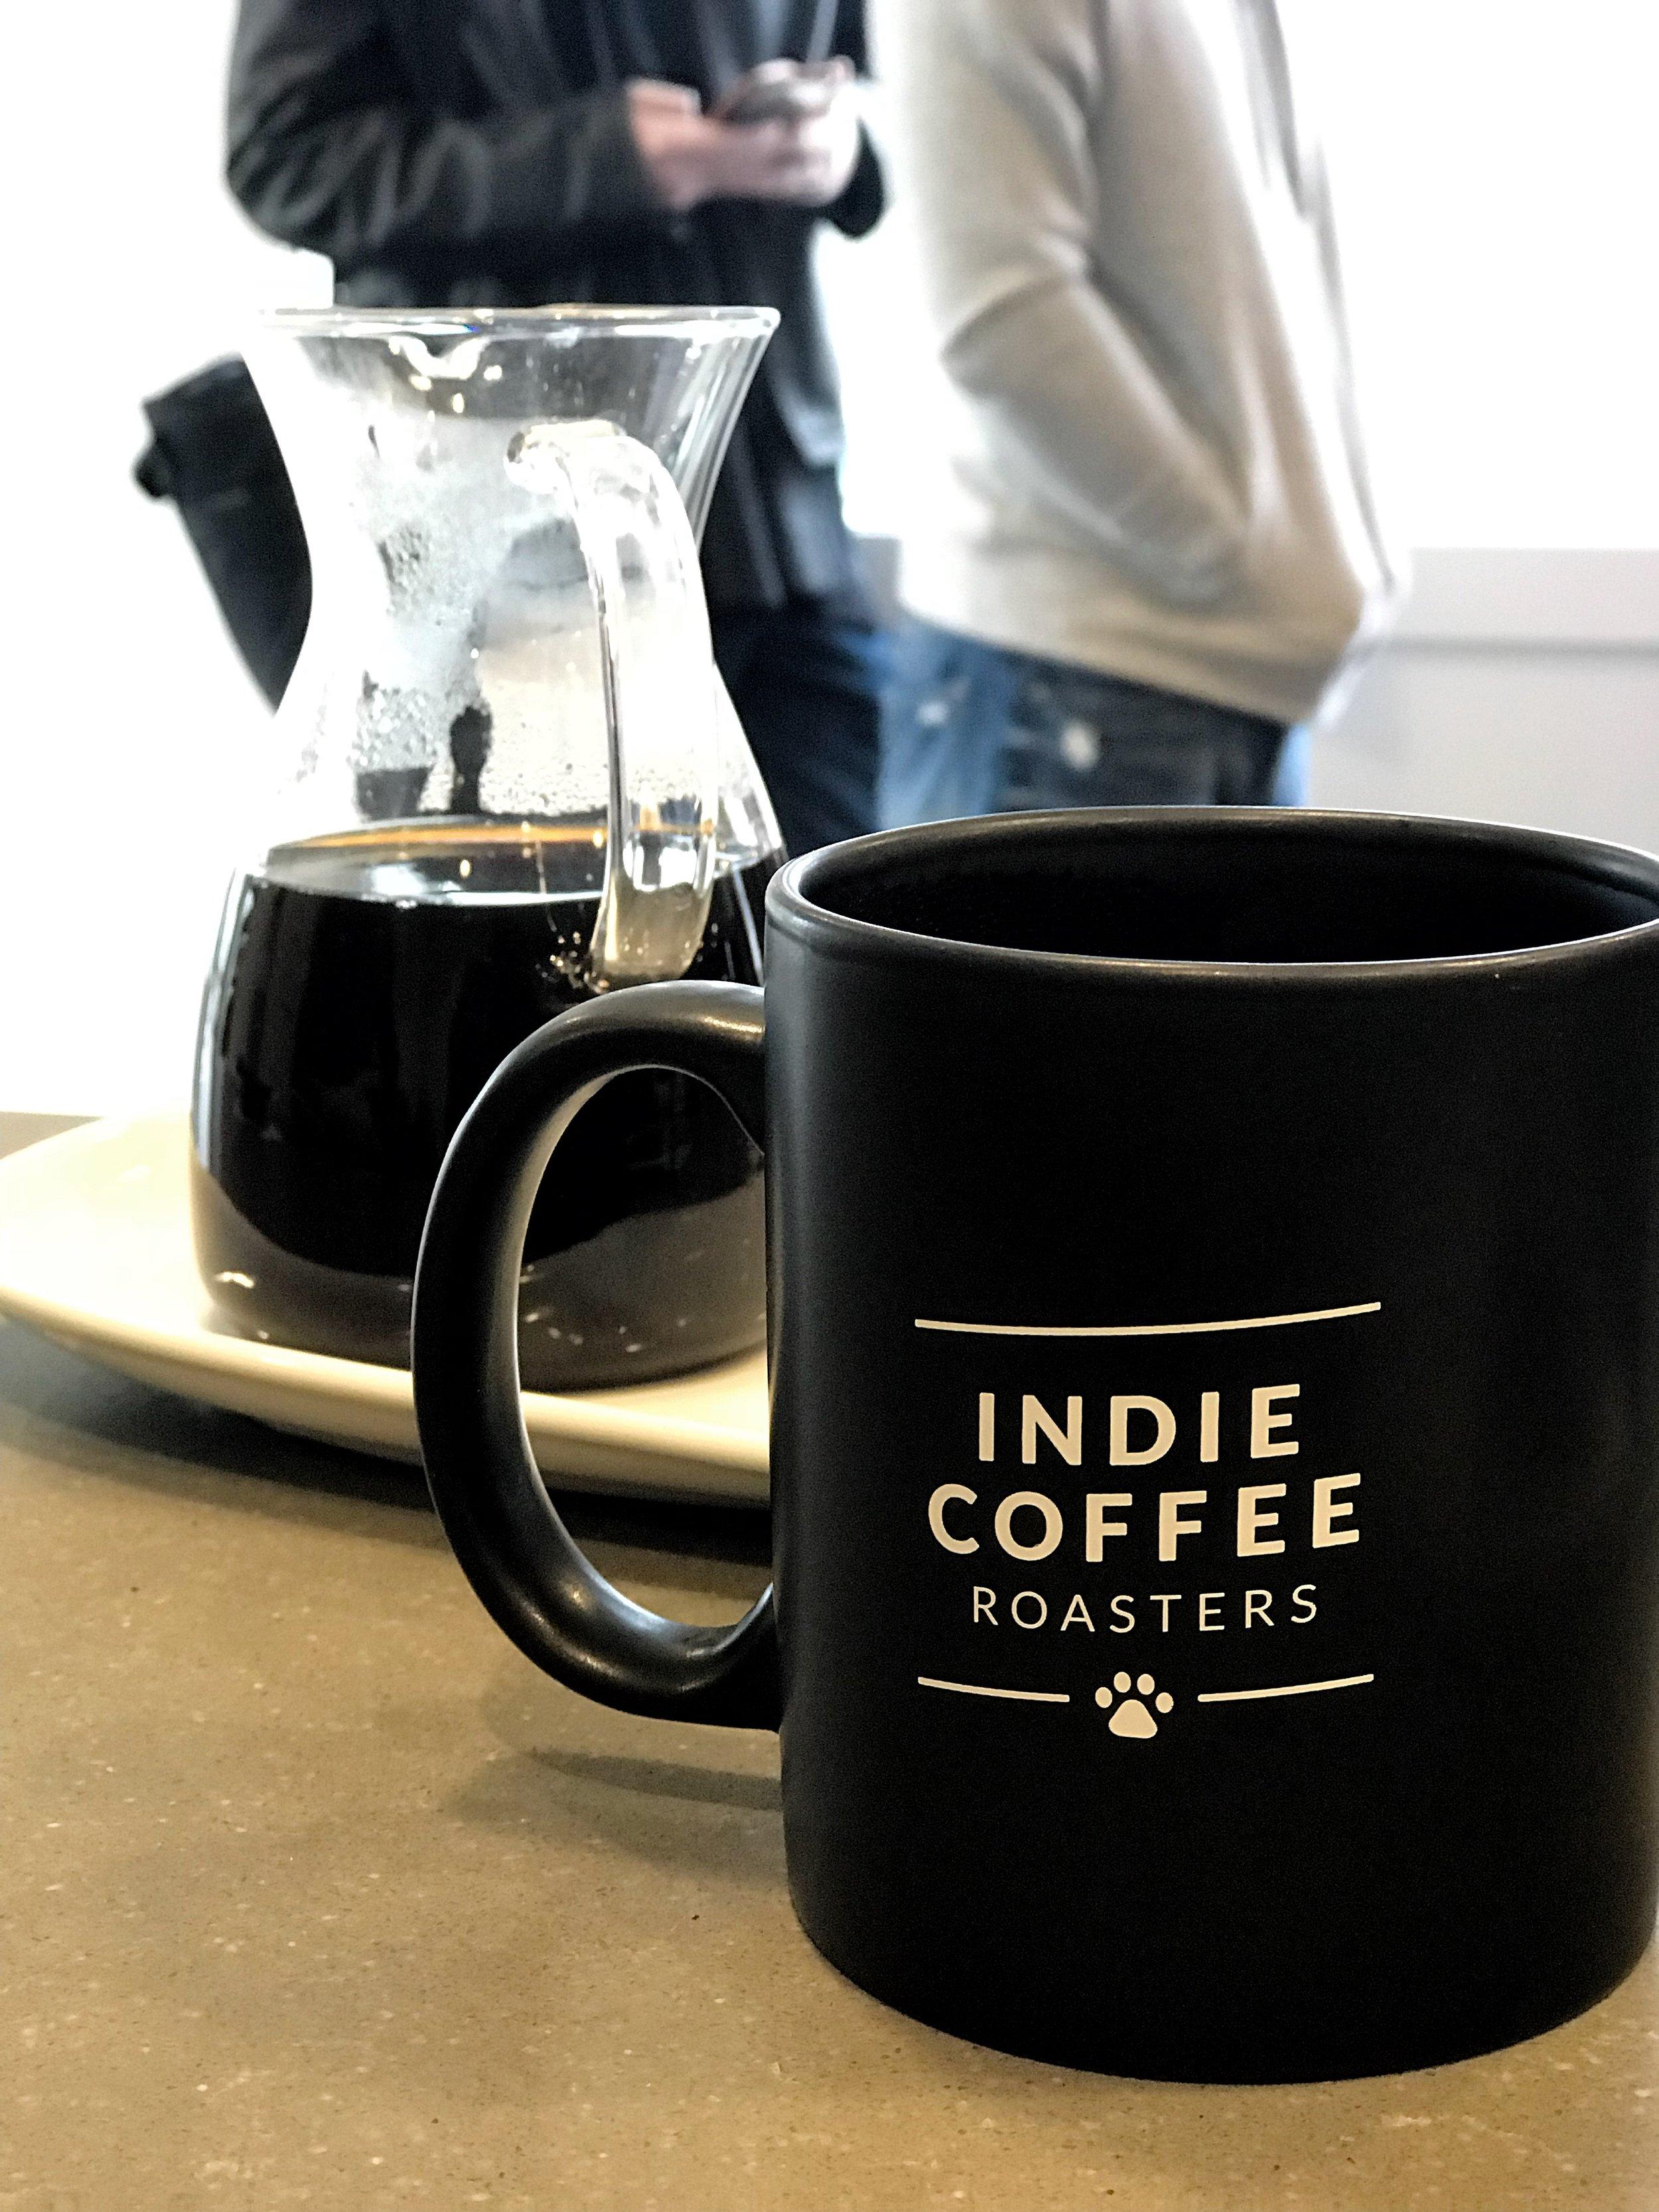 indie-coffee-roasters-1.JPG